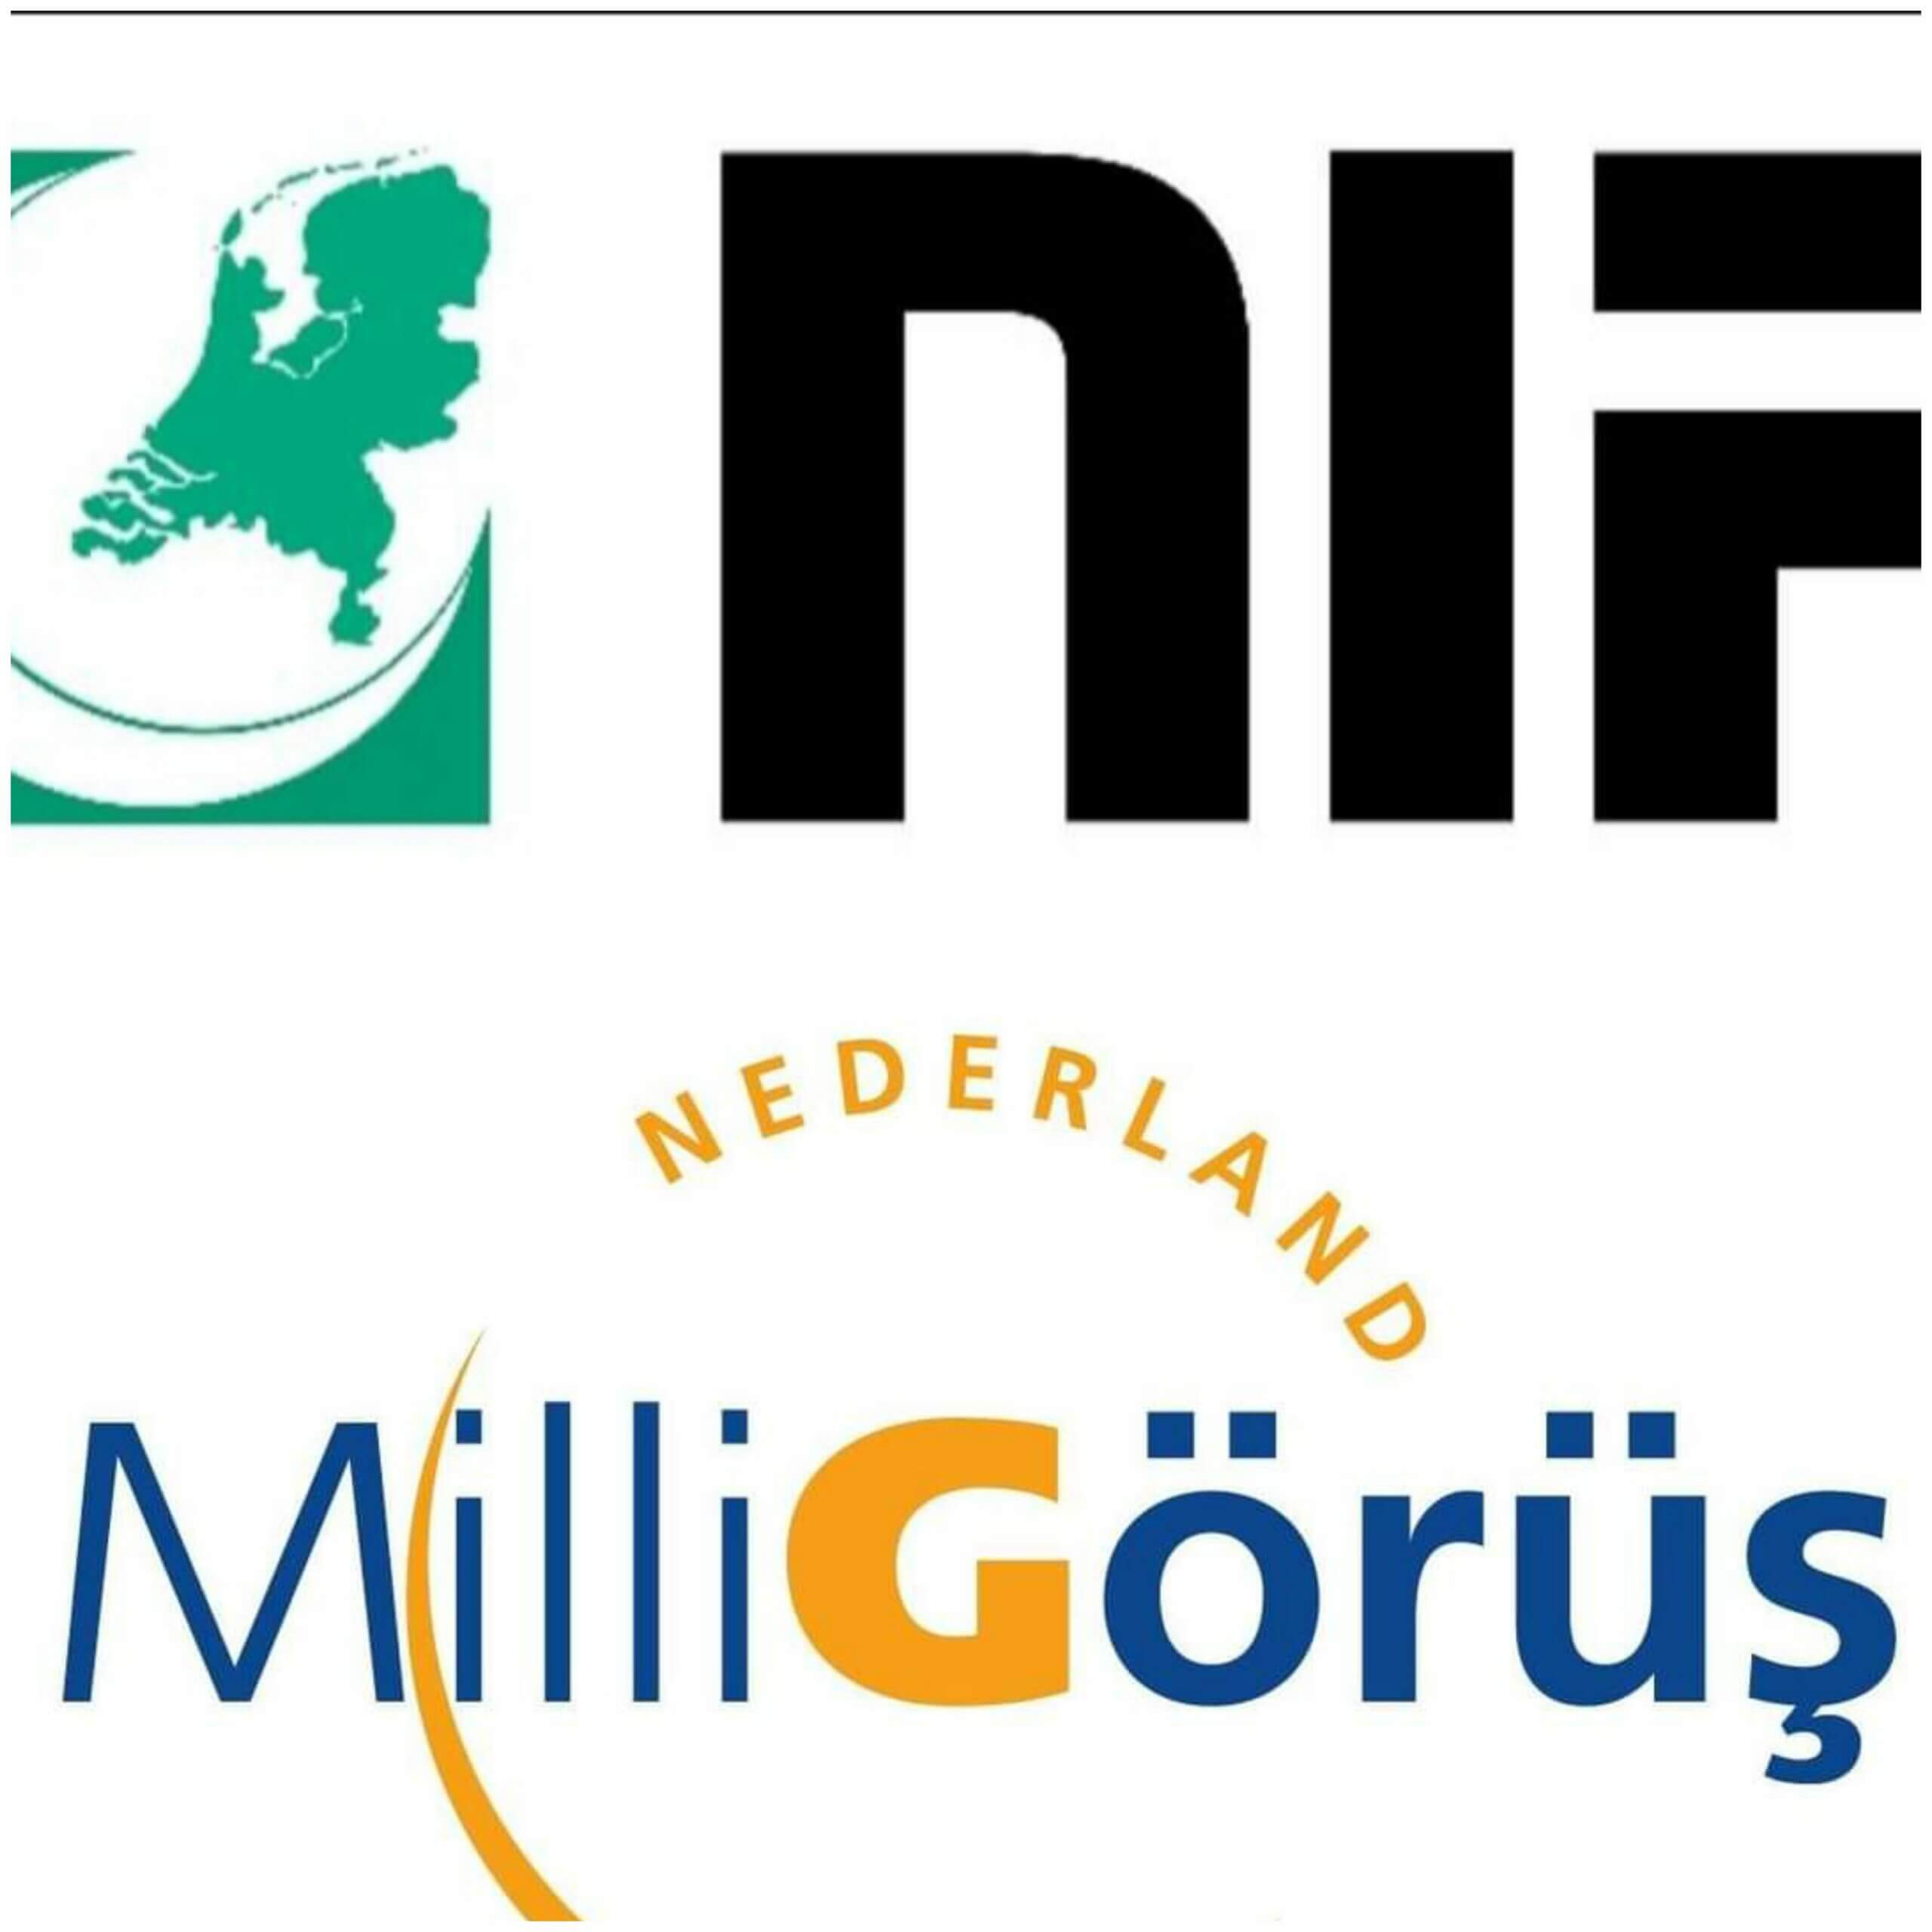 Hollanda Millî Görüş Teşkilatları'ndan sağduyu çağrısı